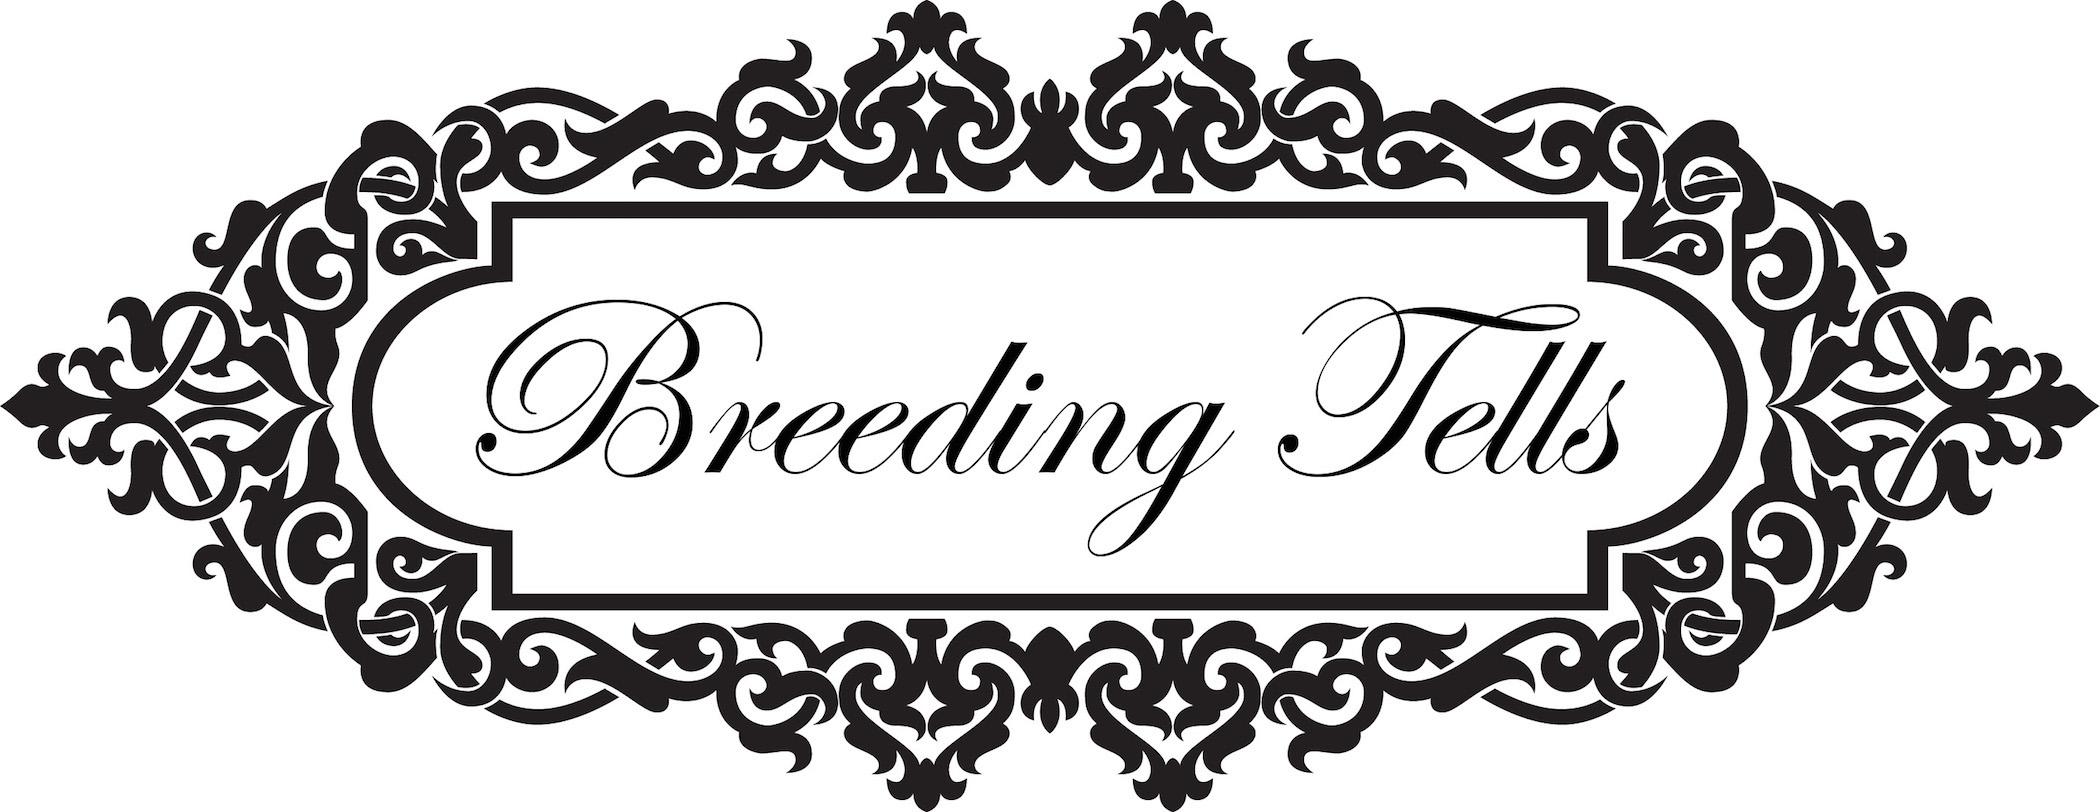 Breeding Tells